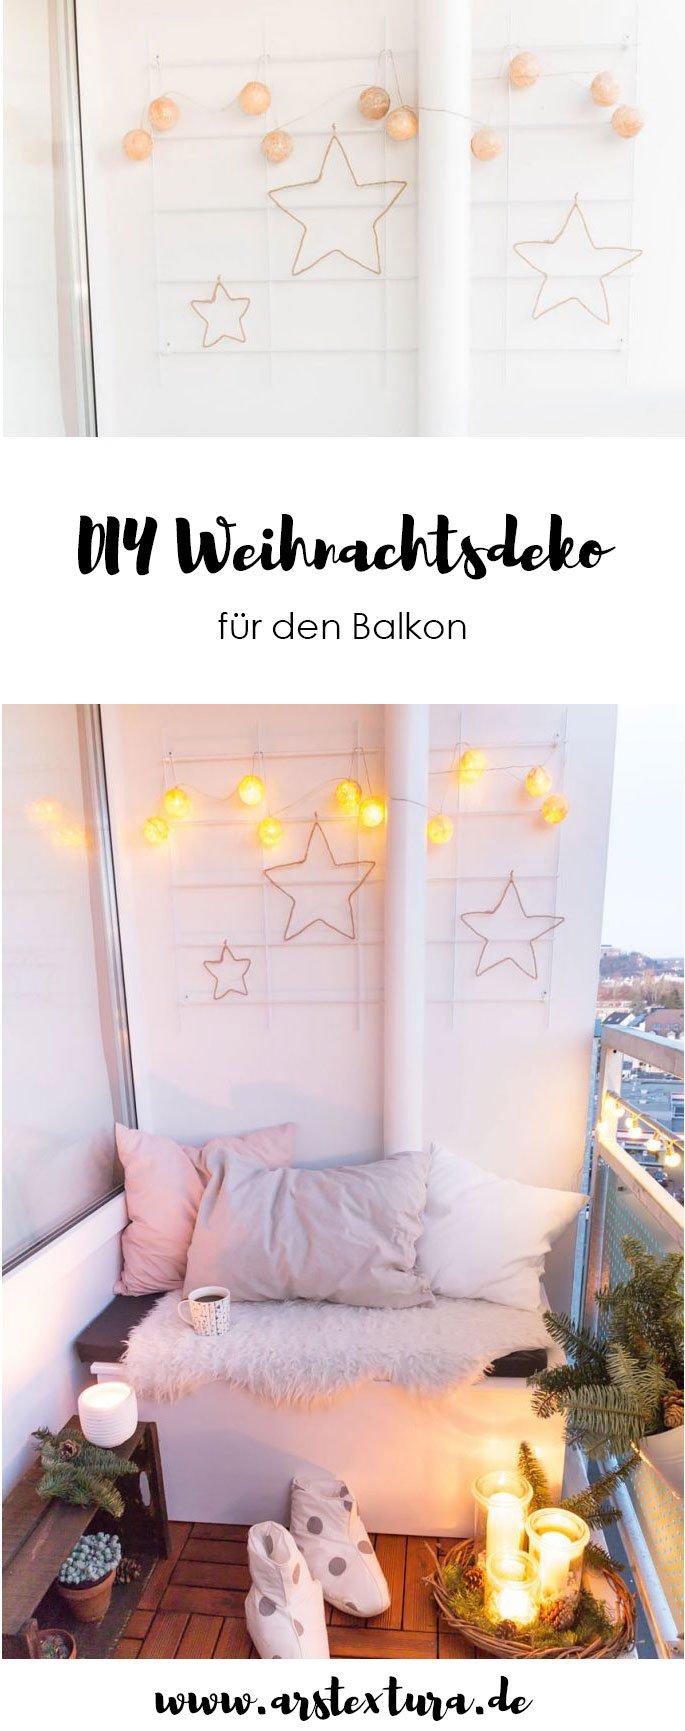 Weihnachtsdeko für den Balkon - ideal fürs Hygge Gefühl